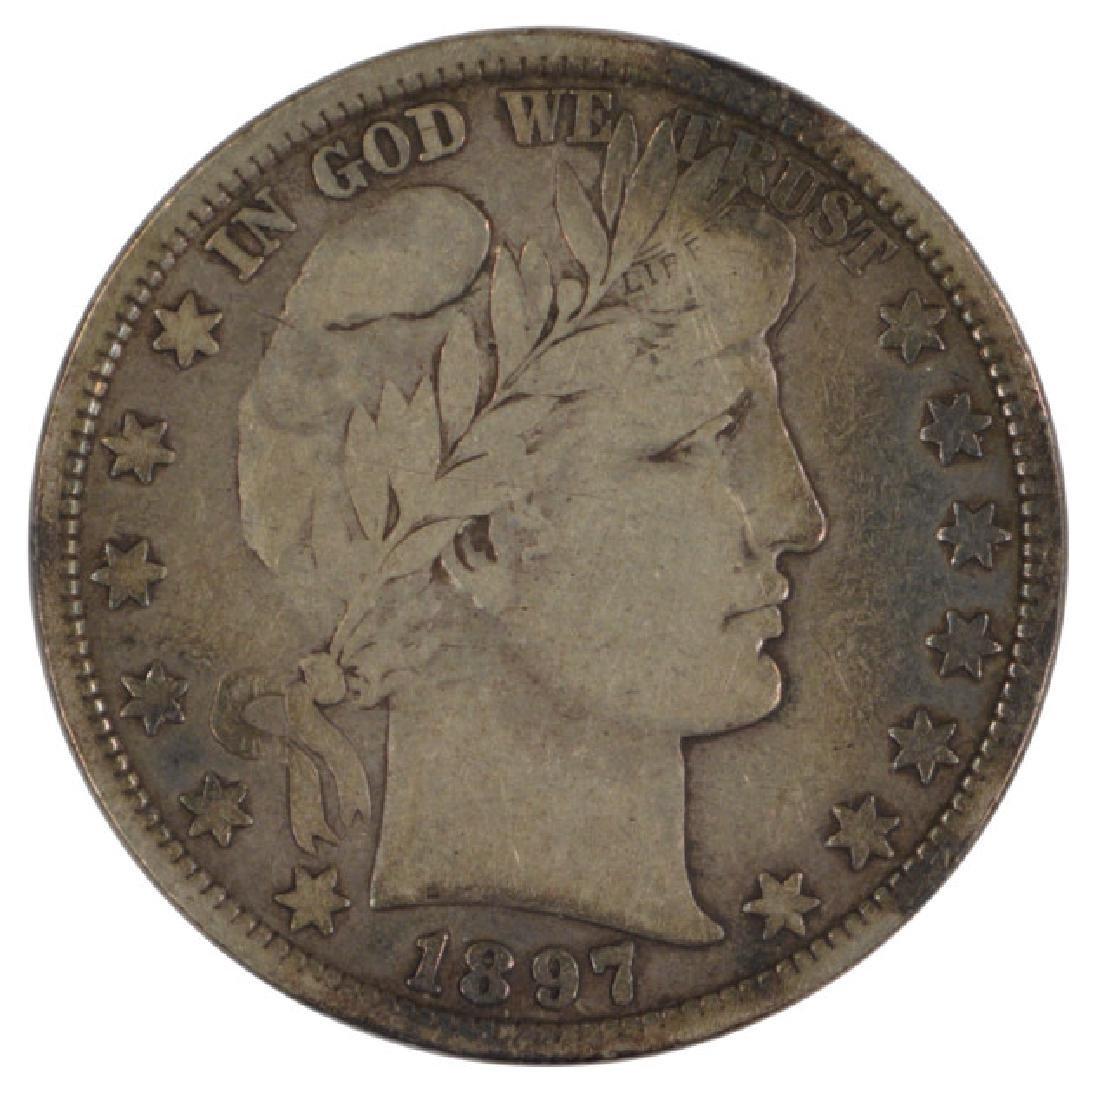 1897 Barber Half Dollar Coin